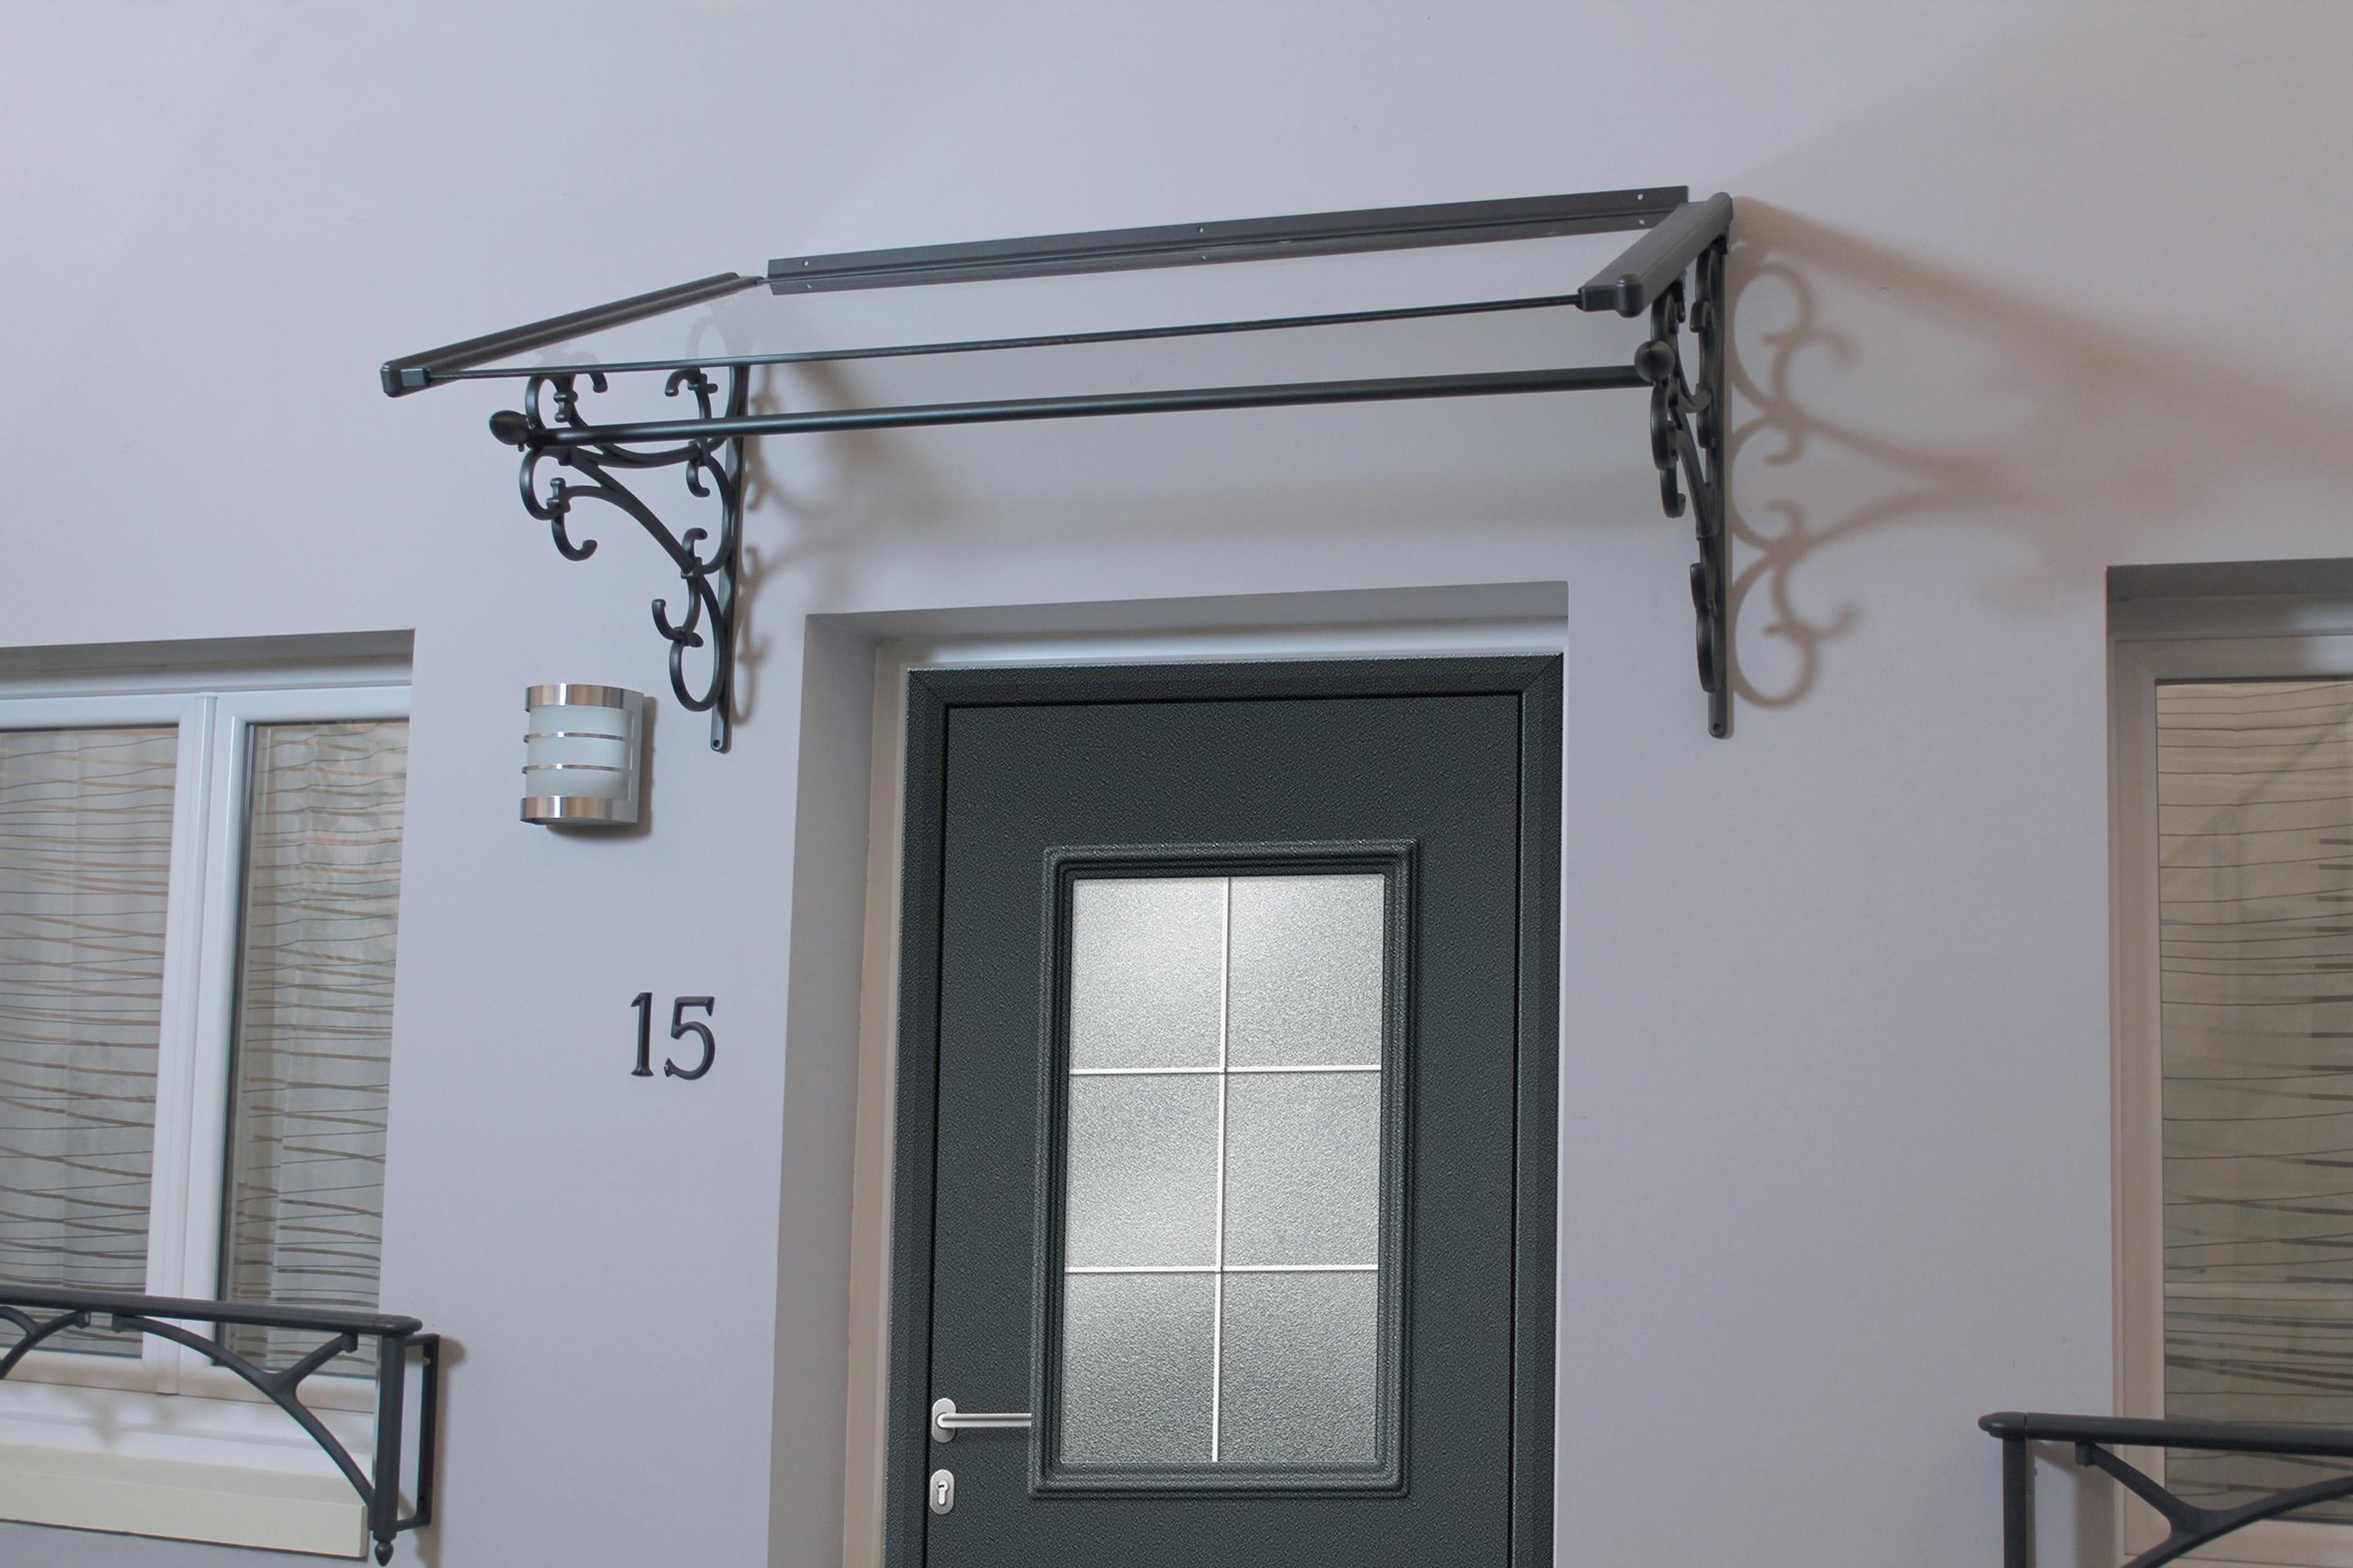 Fenetre Alu Noir Avis auvent de porte d'entrée alu noir dallas, l.120 x h.59.9 x p.70.1 cm,  pré-monté